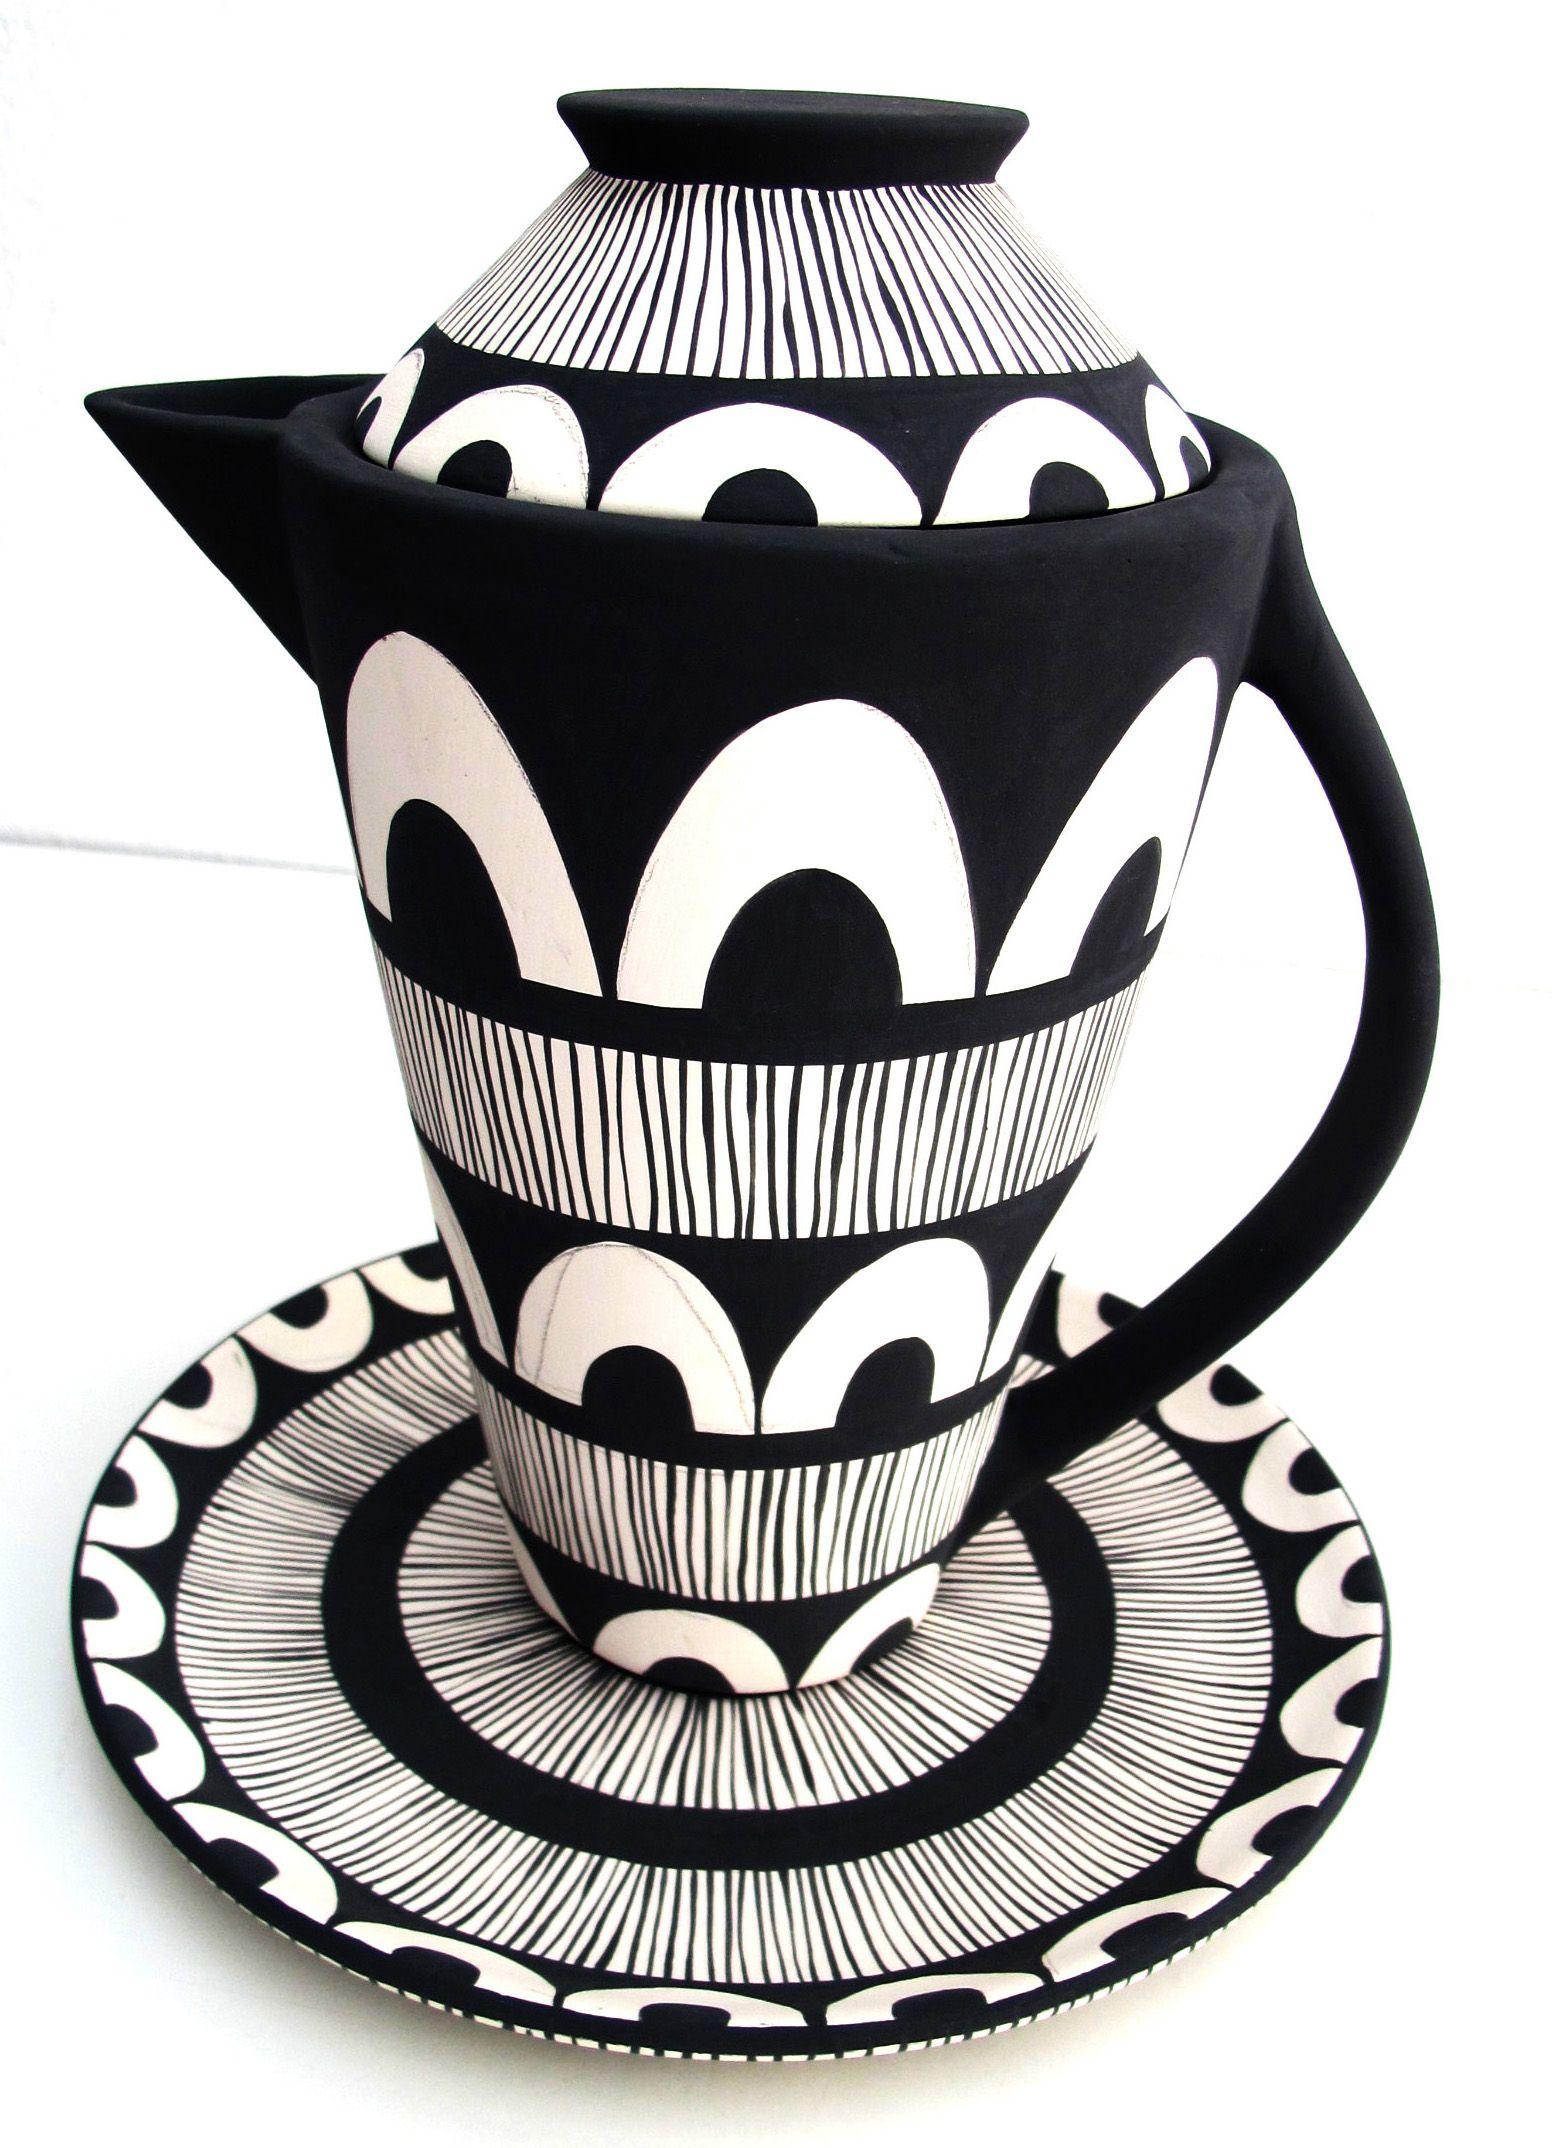 Teapot in progres...